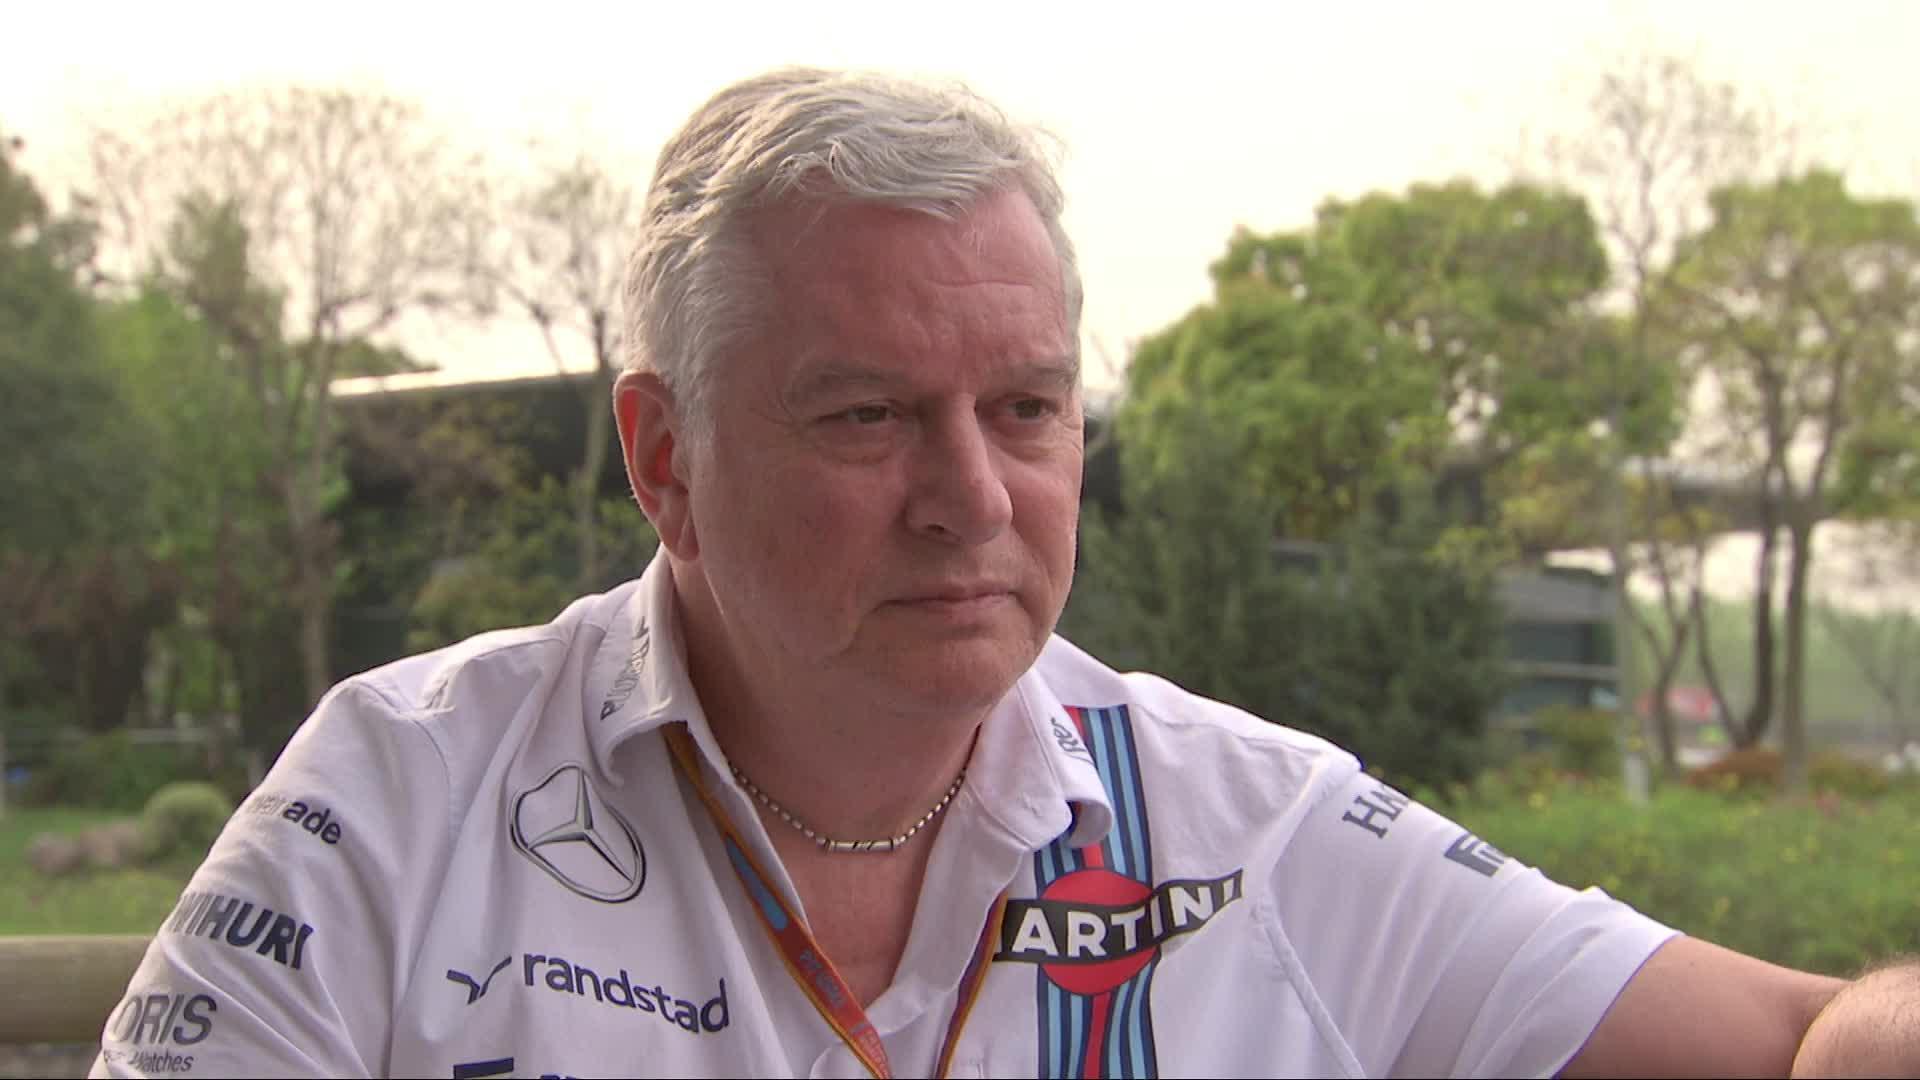 Il direttore tecnico della Williams, Pat Symonds (foto da: skysport.com)